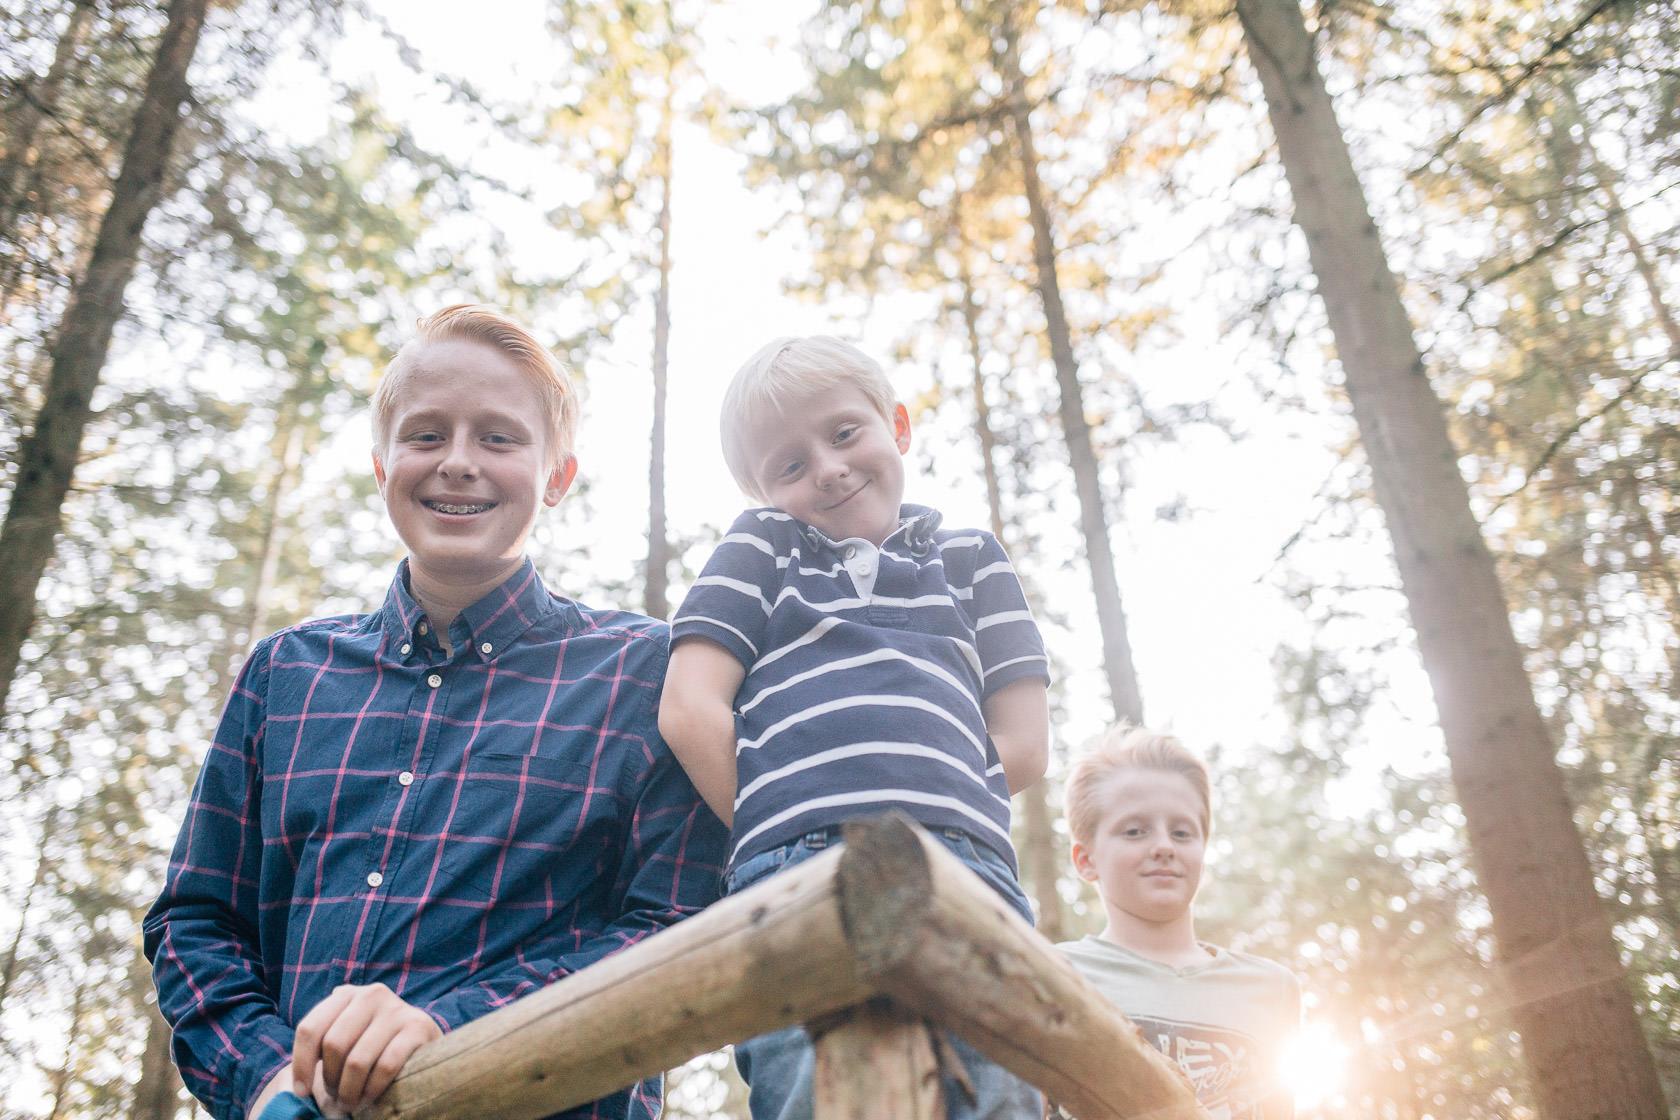 Familienfotos im Herbst in Waghäusel Familie Anders Ungewöhnliche Perspektive Spezielle Perspektive Besonders